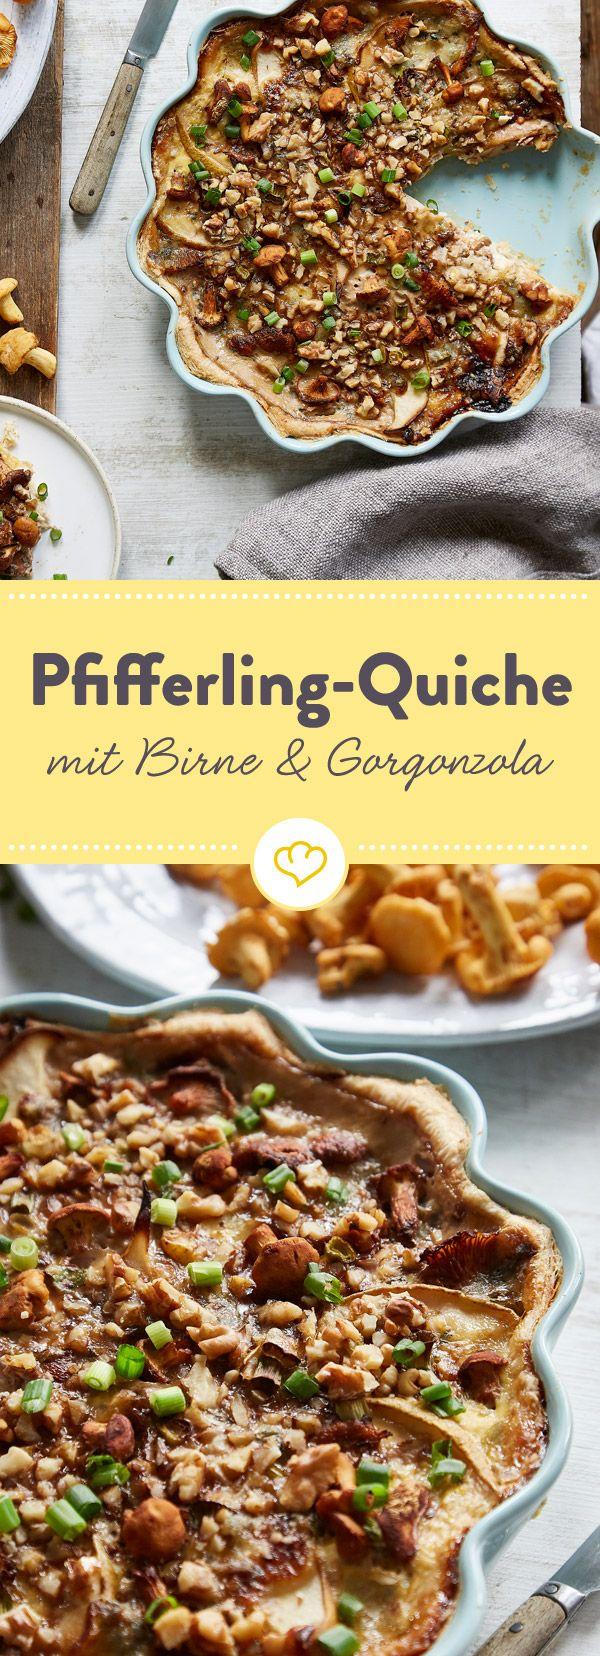 Es gibt immer einen guten Grund, eine Quiche zu backen. Wie wäre es denn heute mit Pfifferlingen, Birne und Gorgonzola, dazu etwas Walnüsse mit Honig?